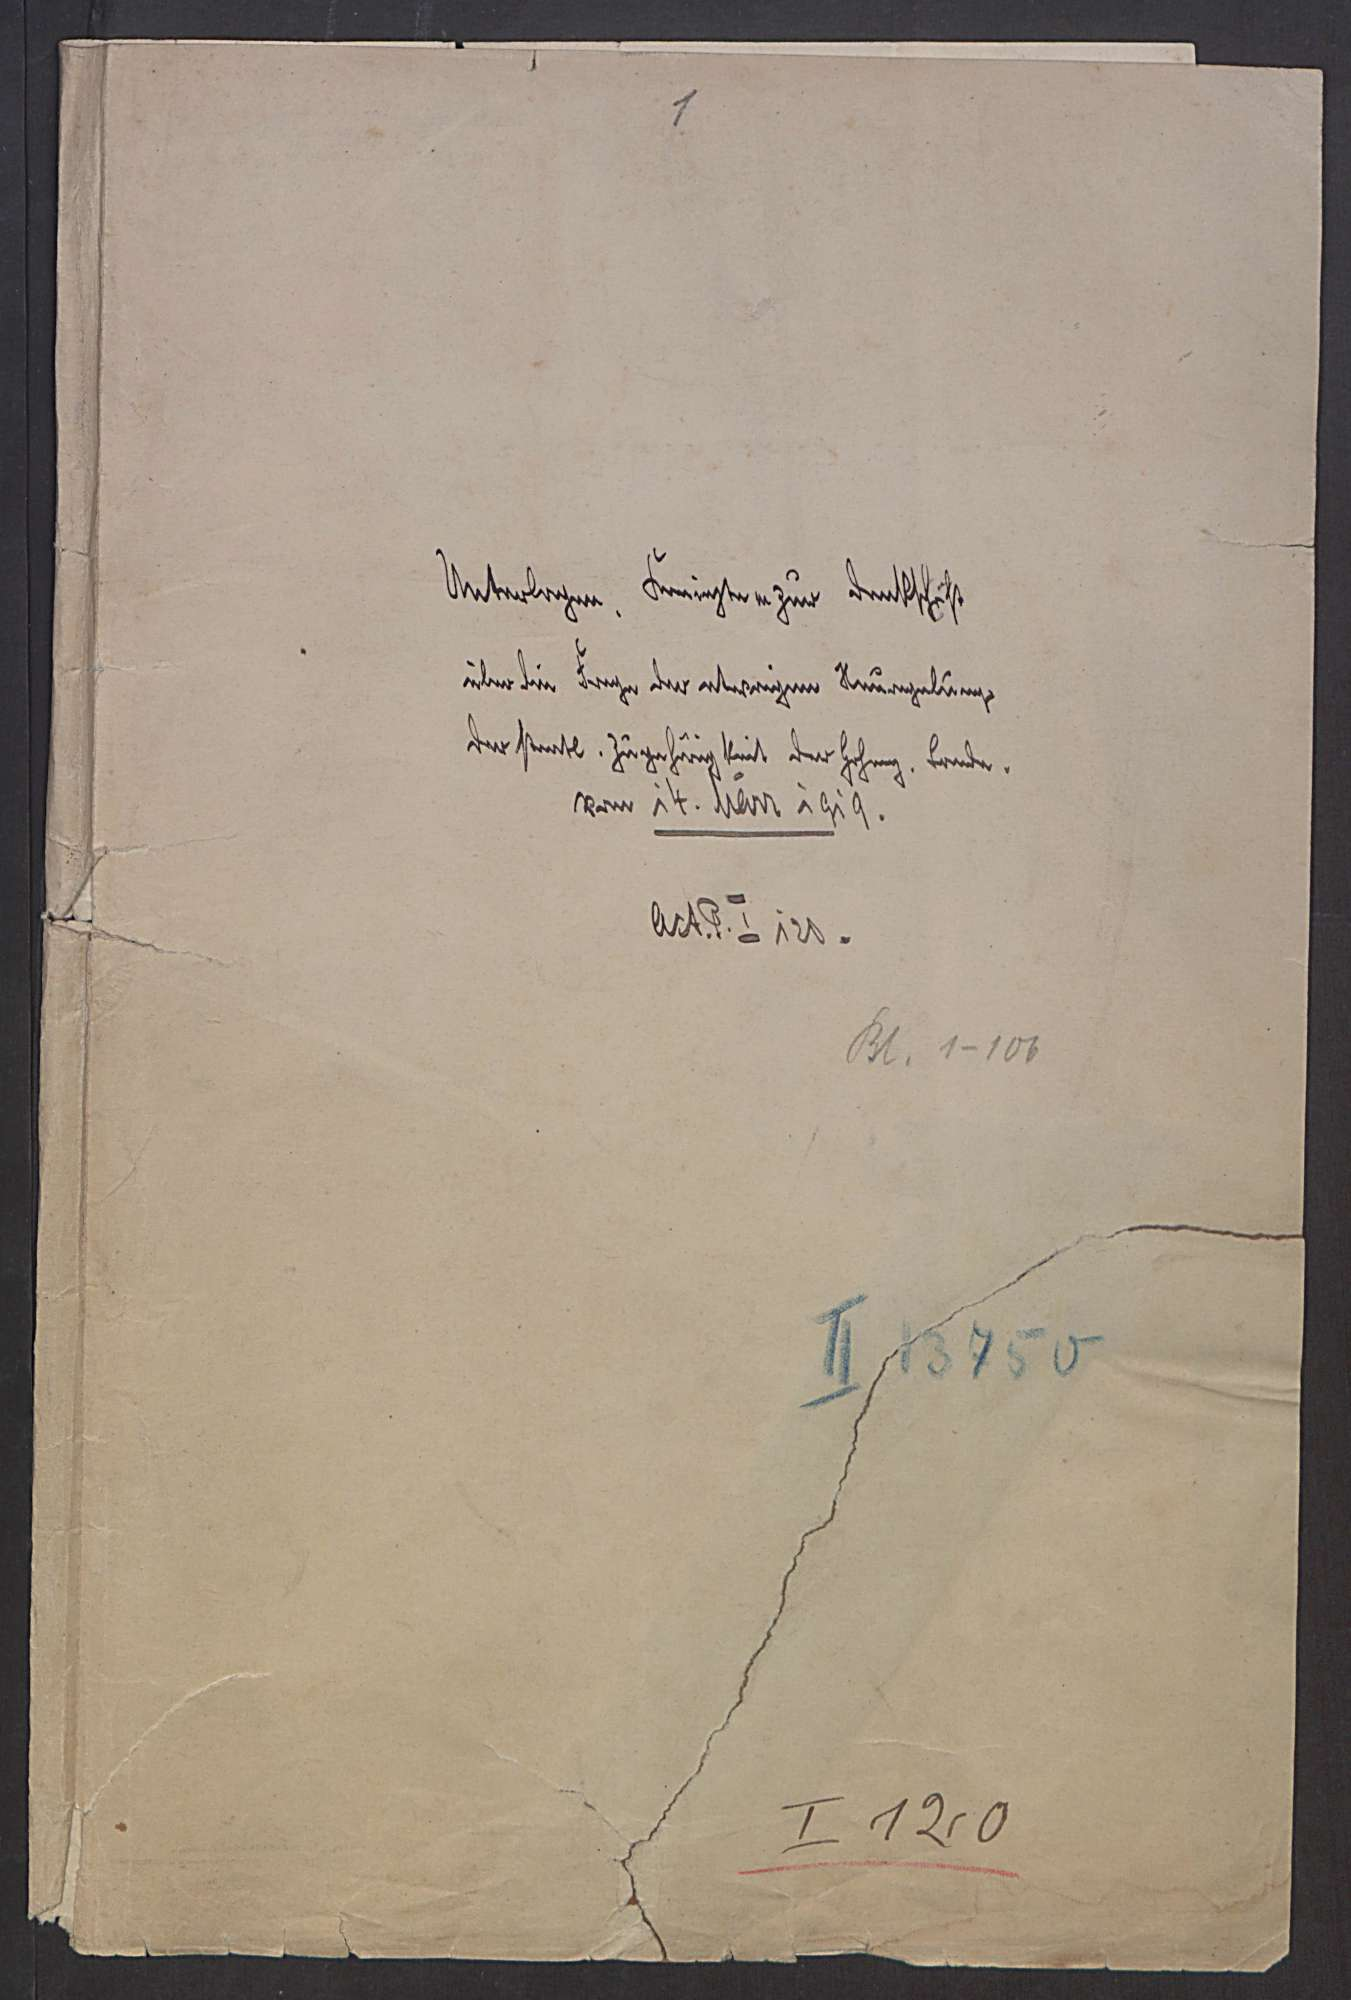 Denkschrift des Regierungspräsidenten Graf von Brühl über die etwaige Neuregelung der staatlichen Zugehörigkeit der Hohenzollerischen Lande vom 14. März 1919, Bild 2